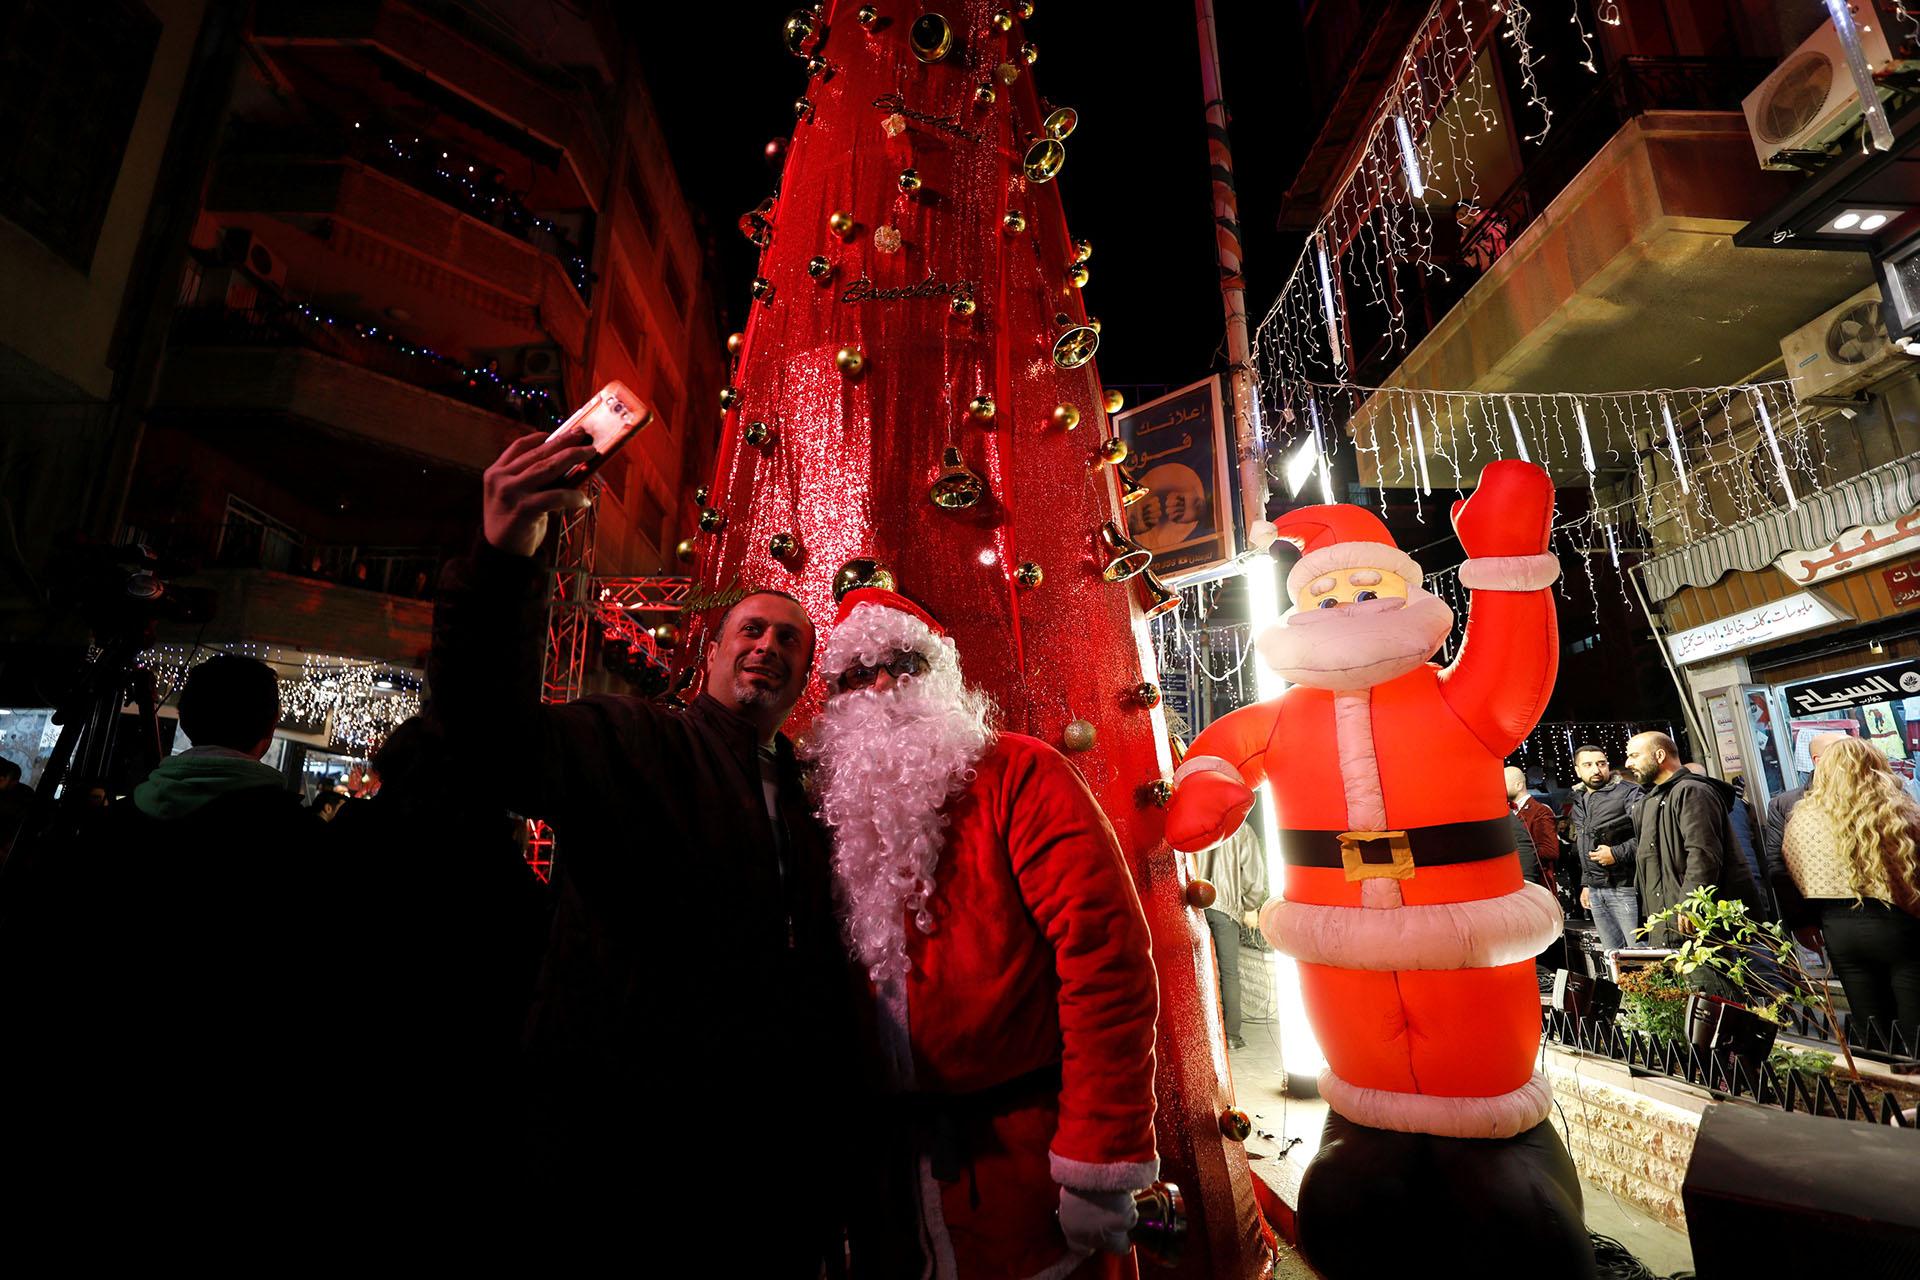 Un hombre se toma una selfie con un hombre vestido como Papá Noel durante un festival de Navidad en Damasco, Siria, el 20 de diciembre de 2017. (Reuters)